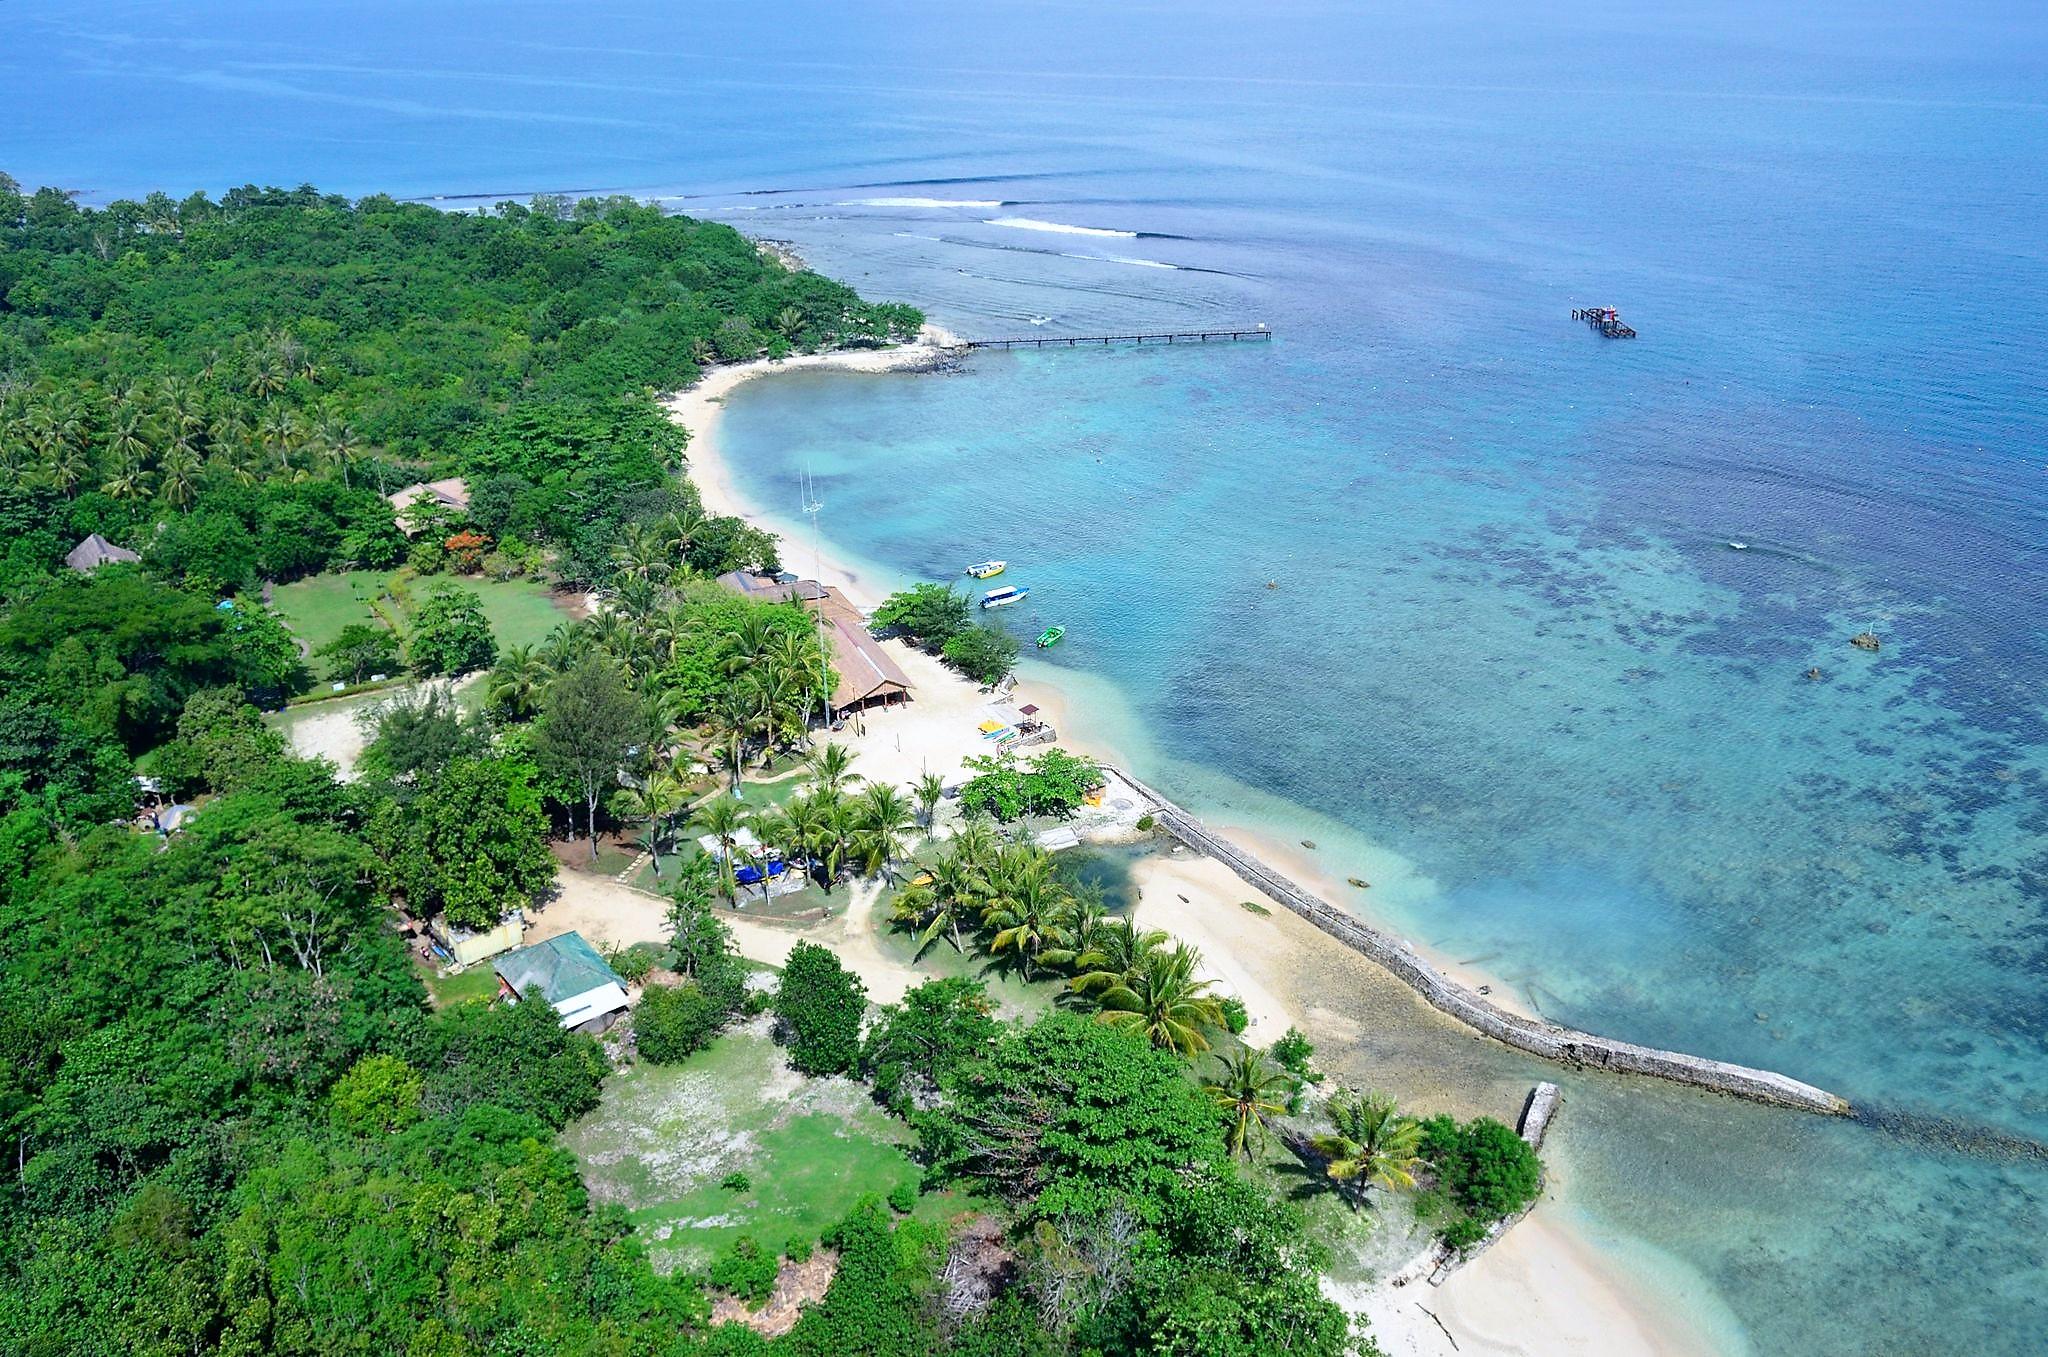 tanjung lesung offers a beautiful natural panorama for honeymooners